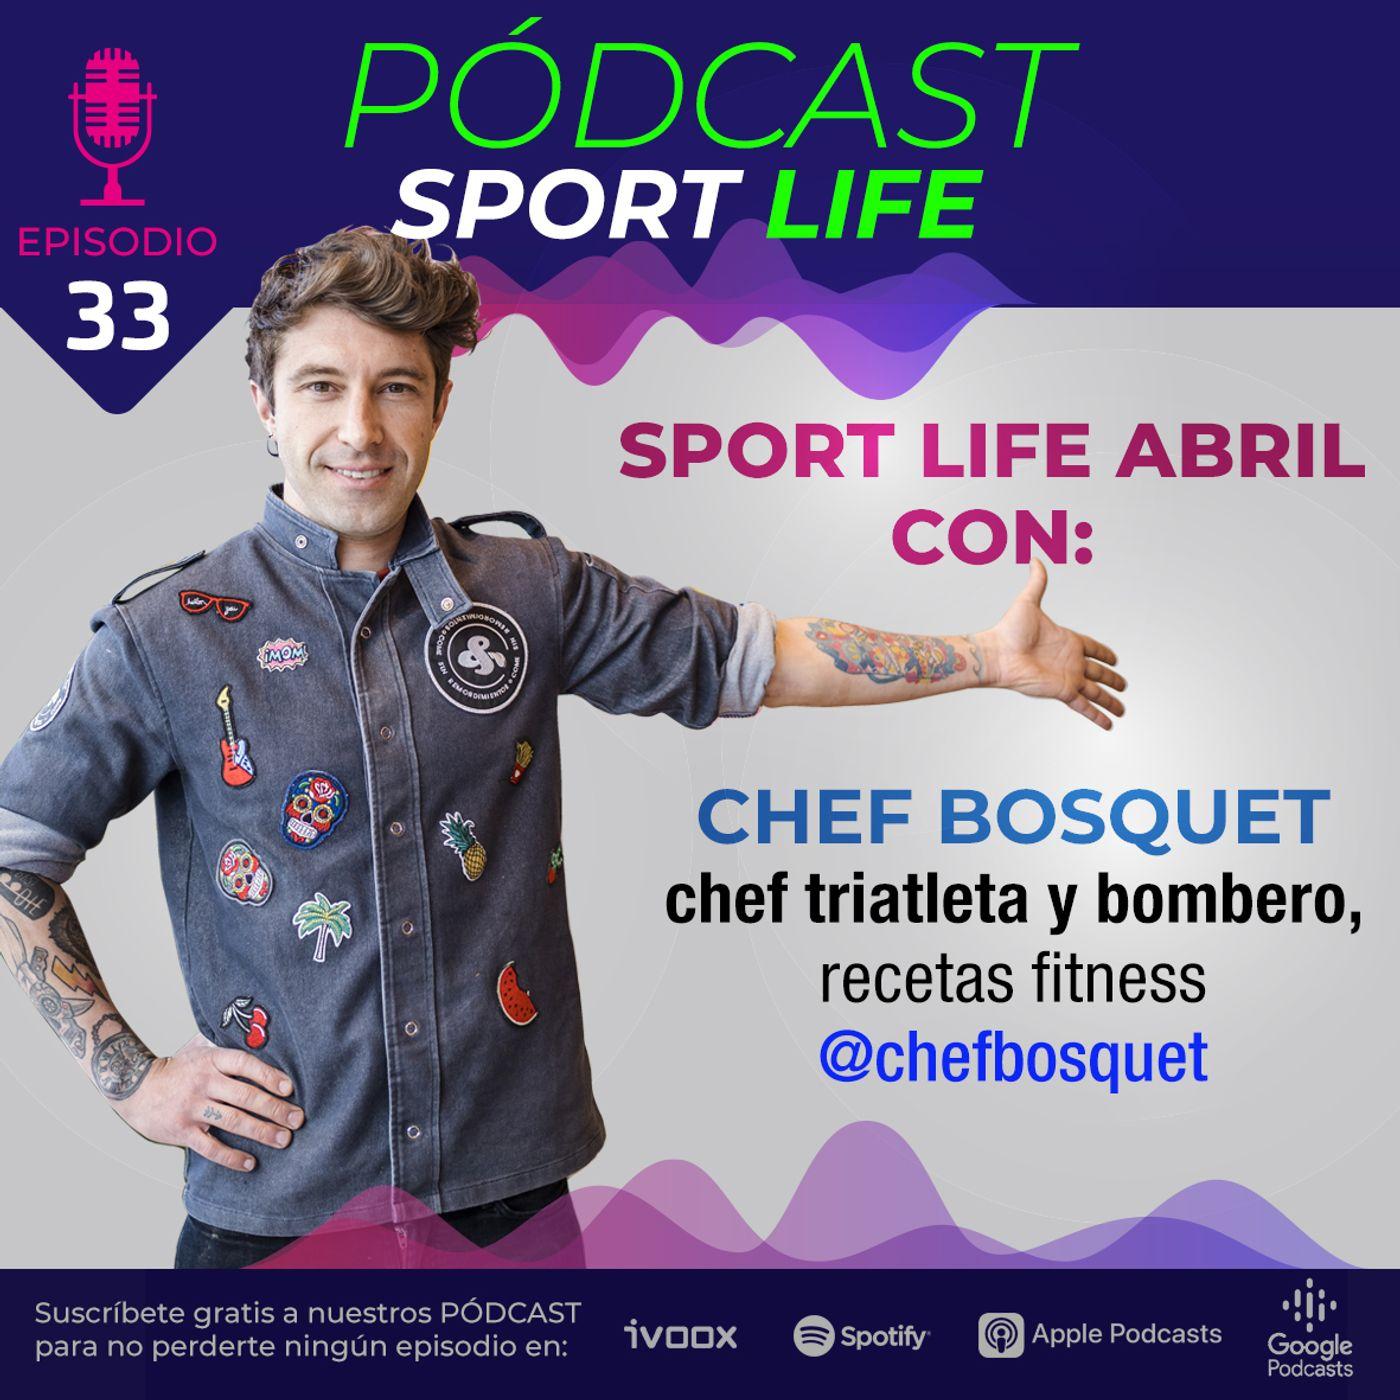 Recetas saludables para deportistas con Chef Bosquet